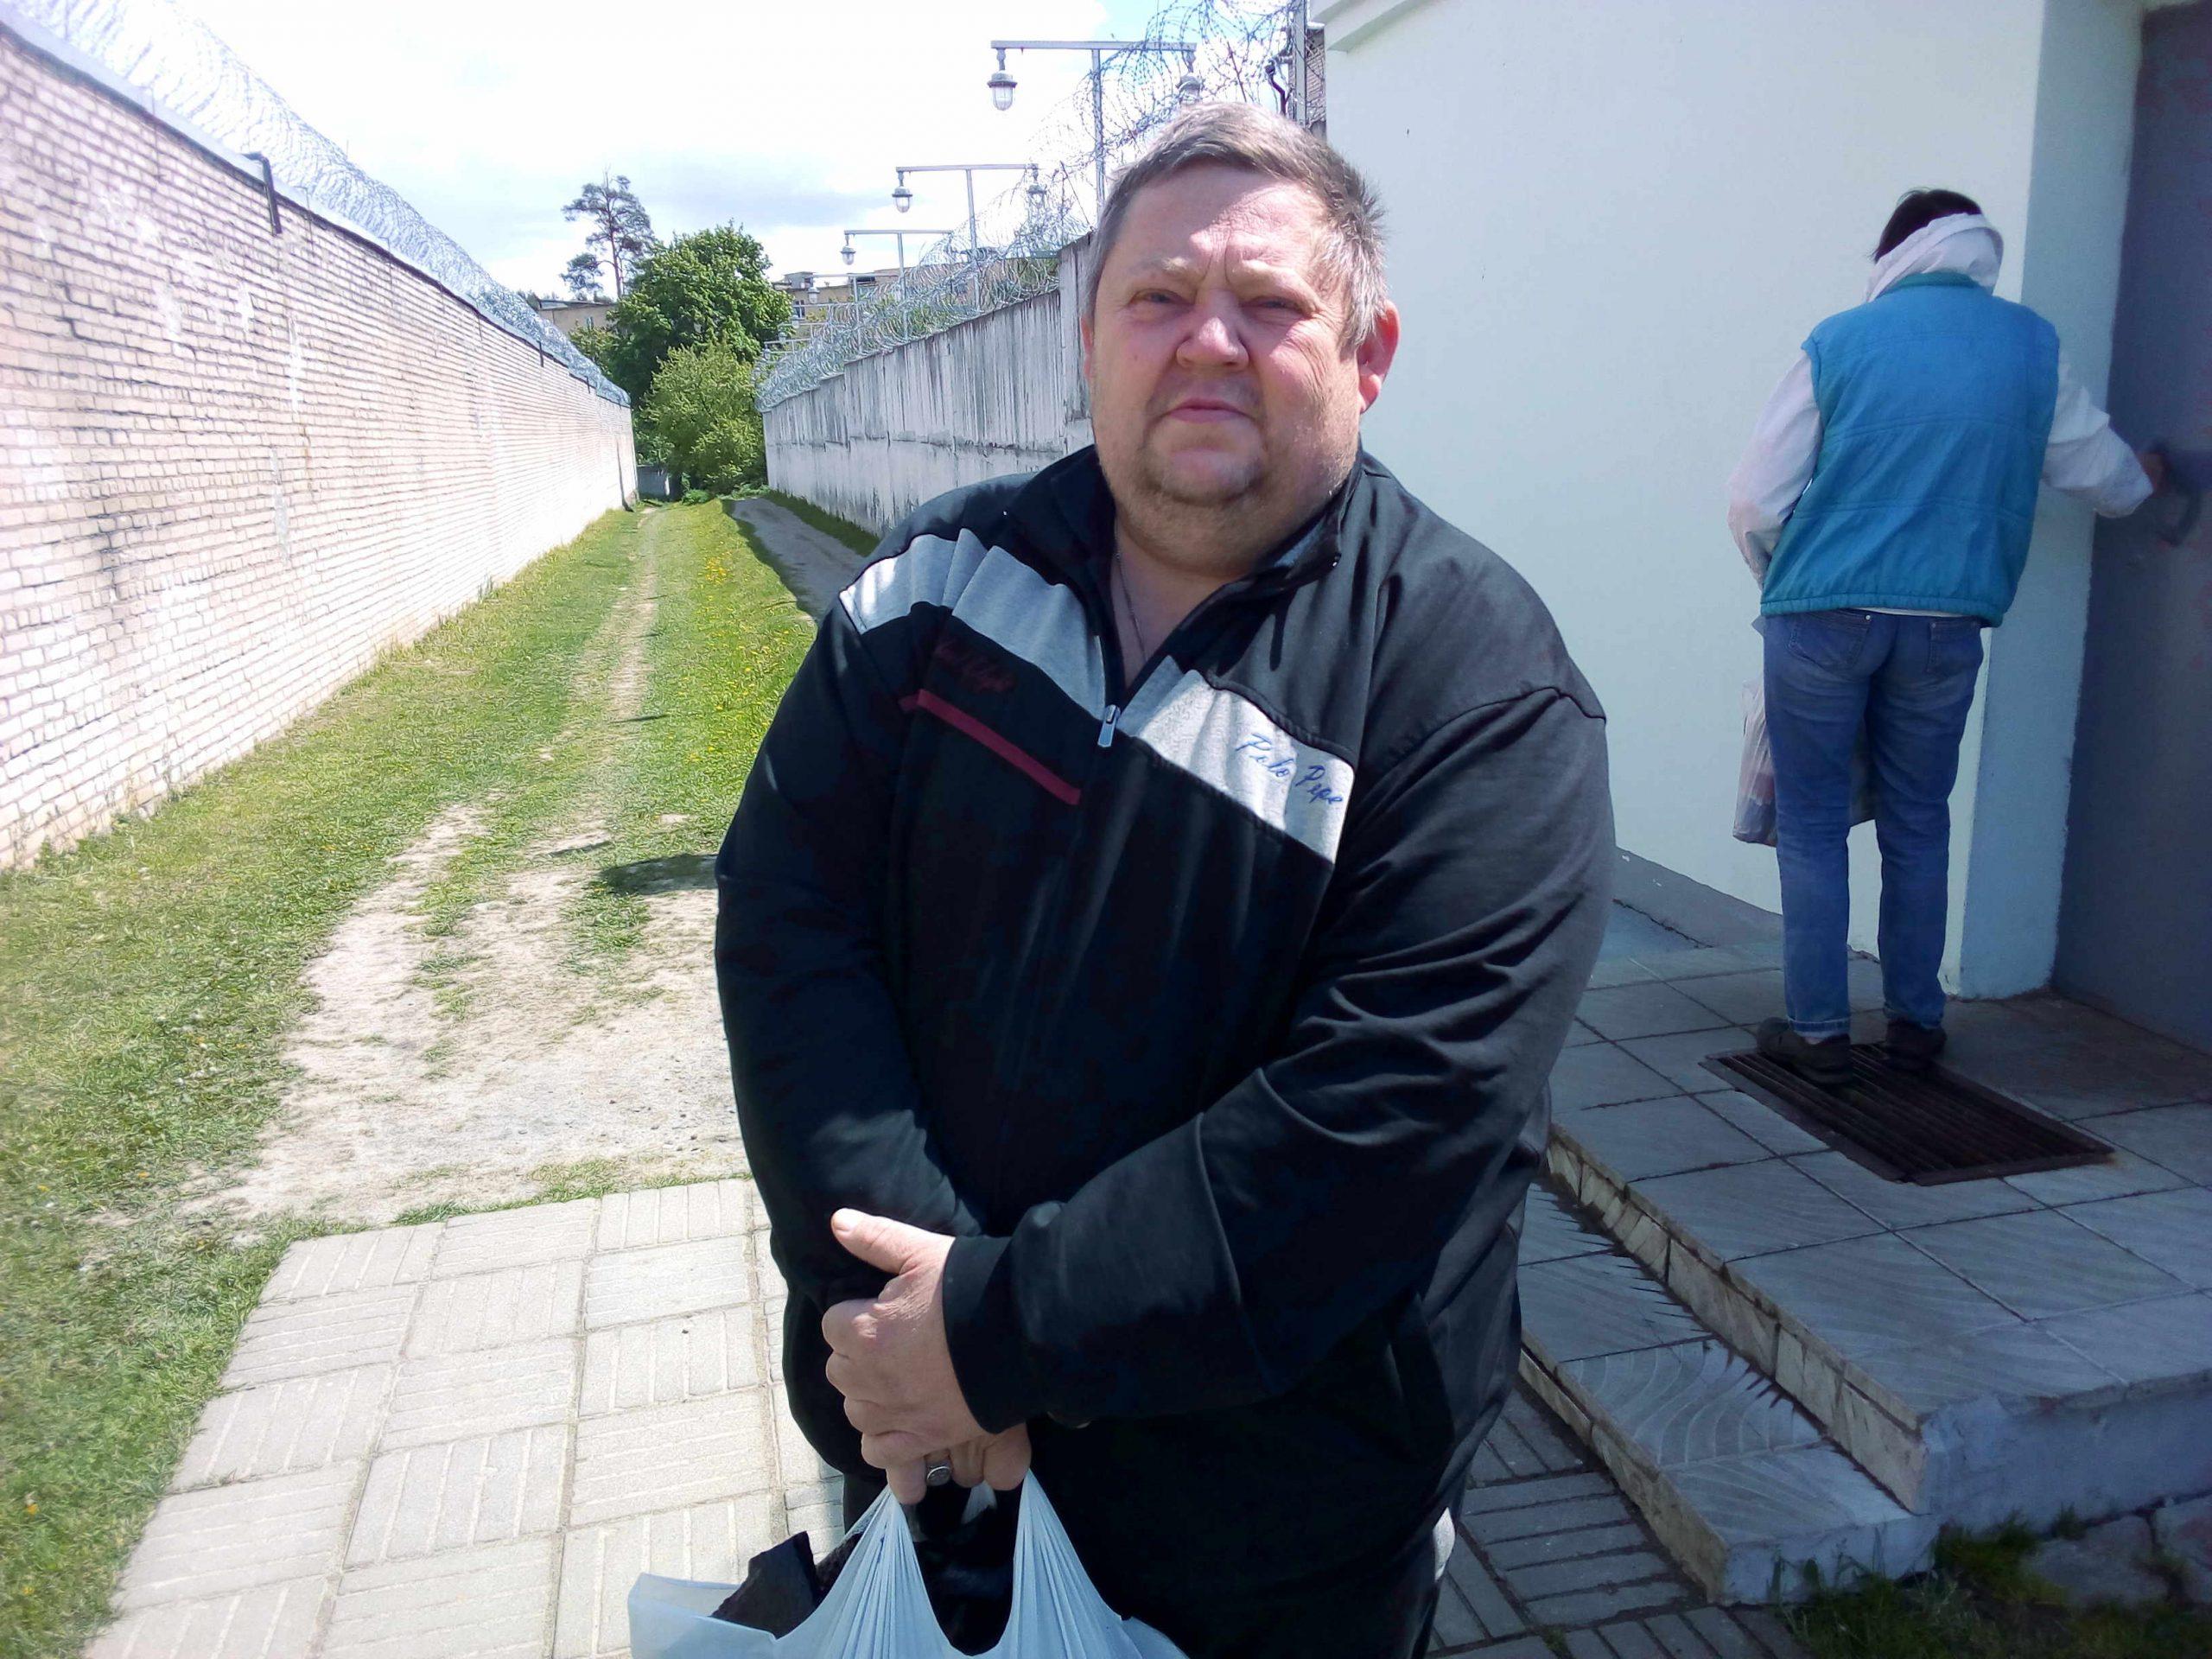 Блогер Дмитрий Тимофеев: в могилёвском ИВС голодовку держали больше людей